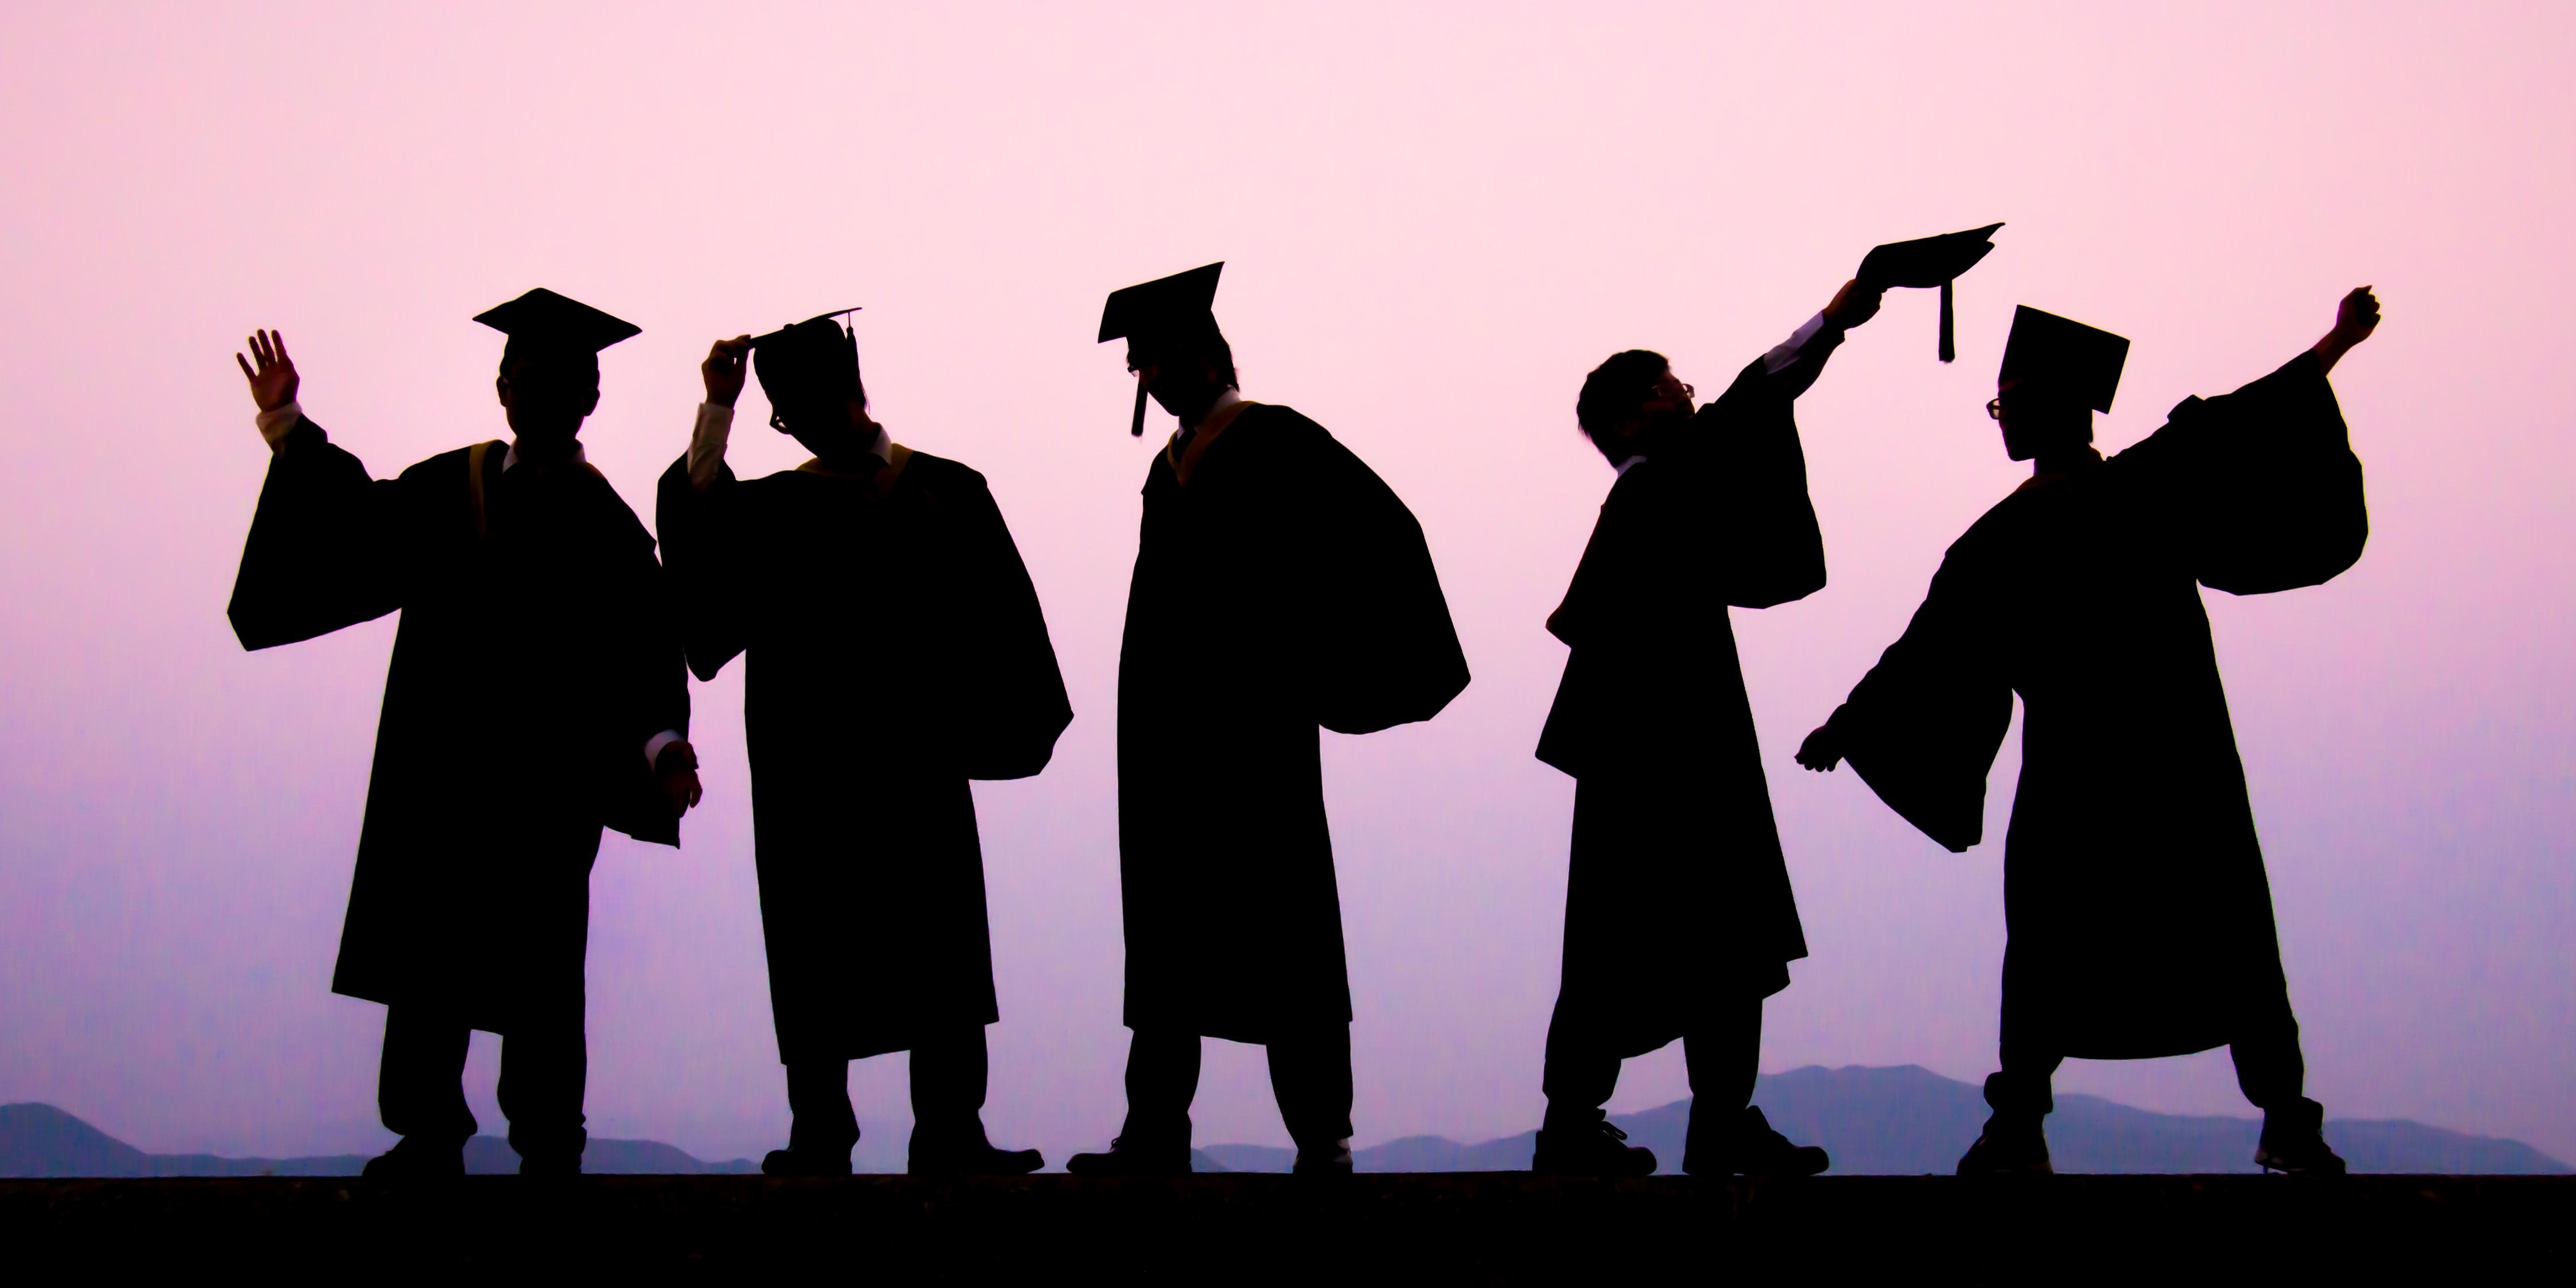 Postgraduate loan scheme details released | SCAN